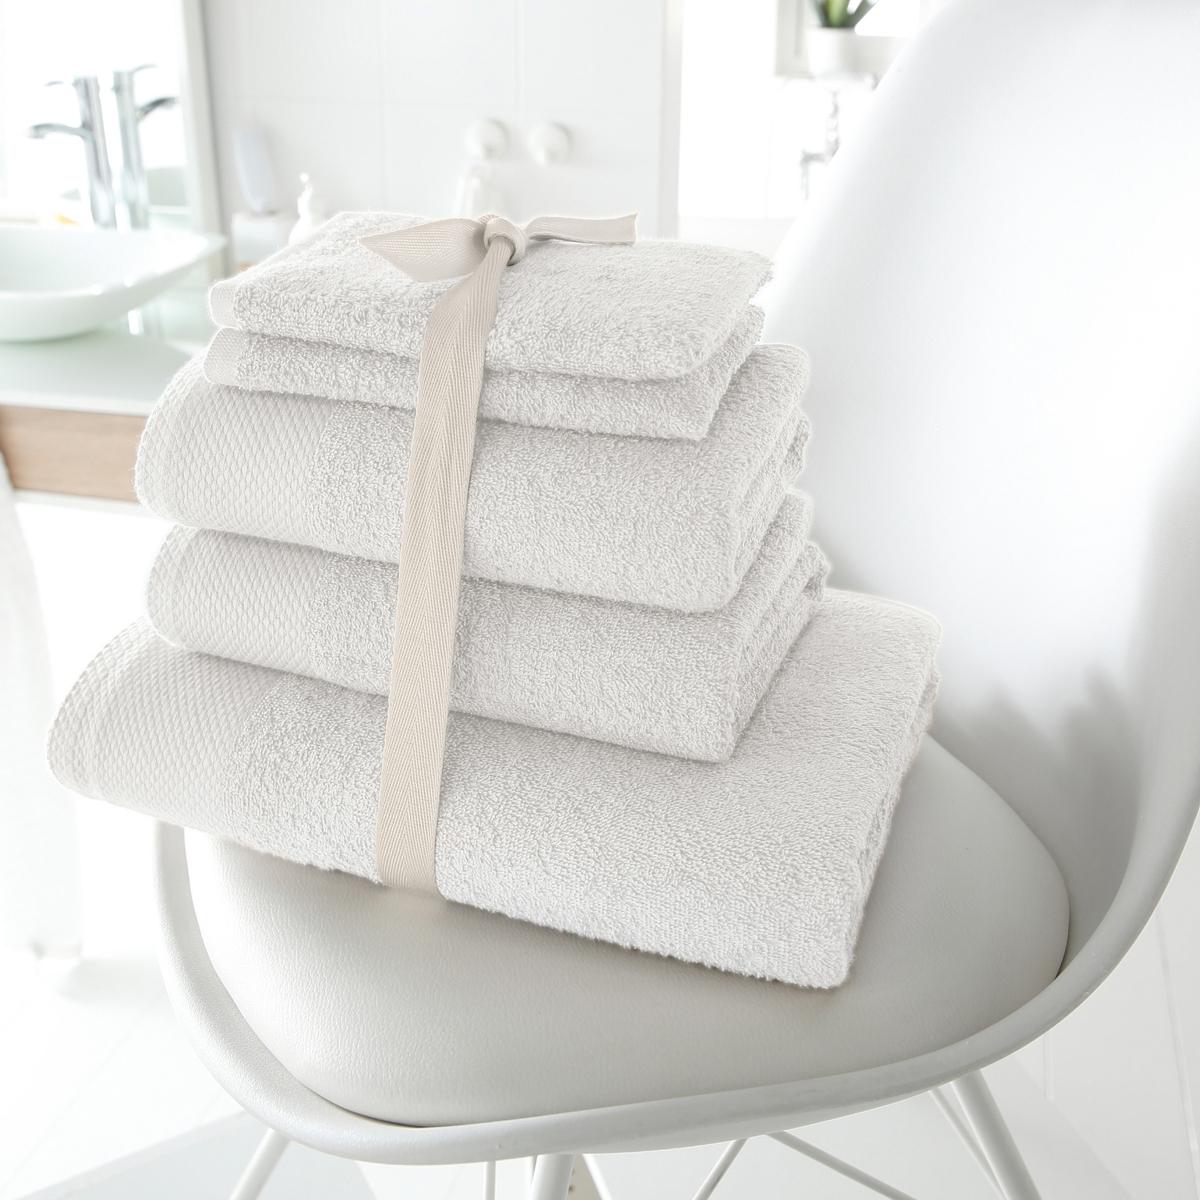 Комплект для ванной, 420 г/м² от La Redoute